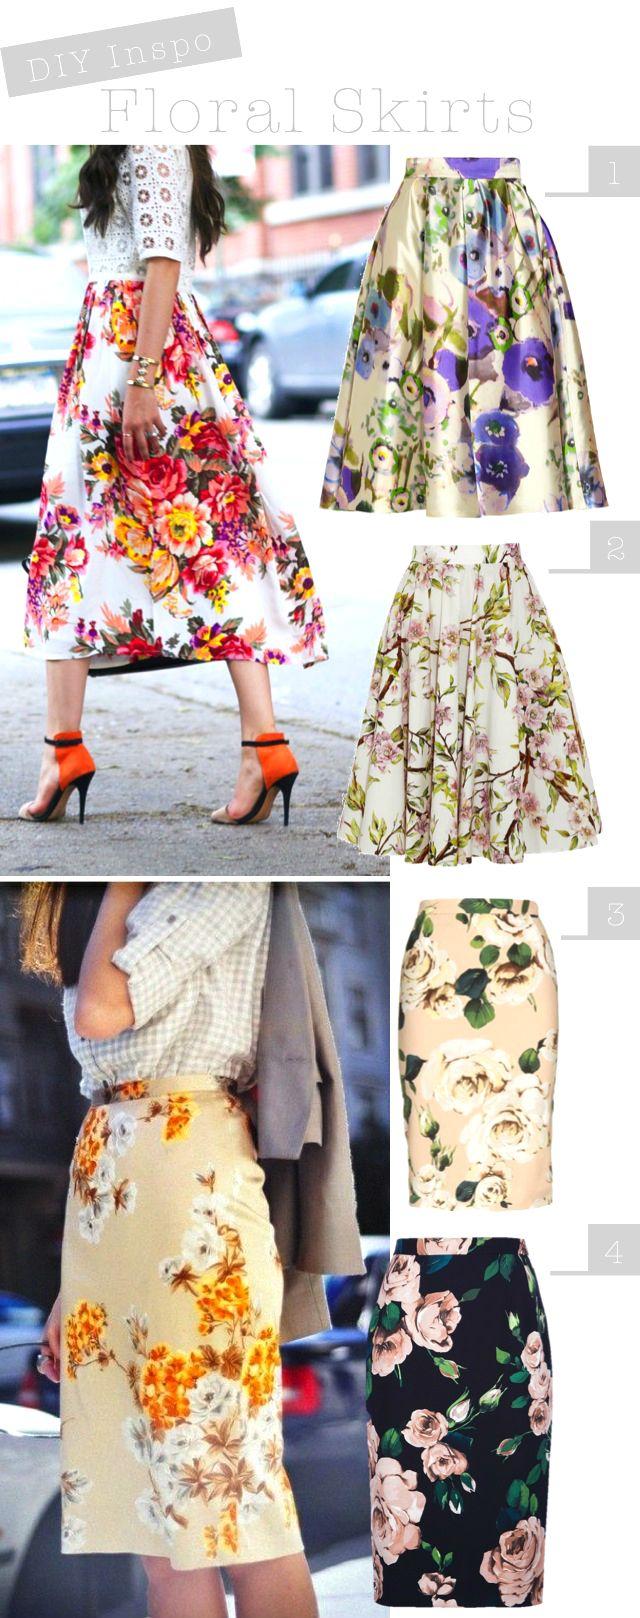 DIY Inspo: Floral Skirts